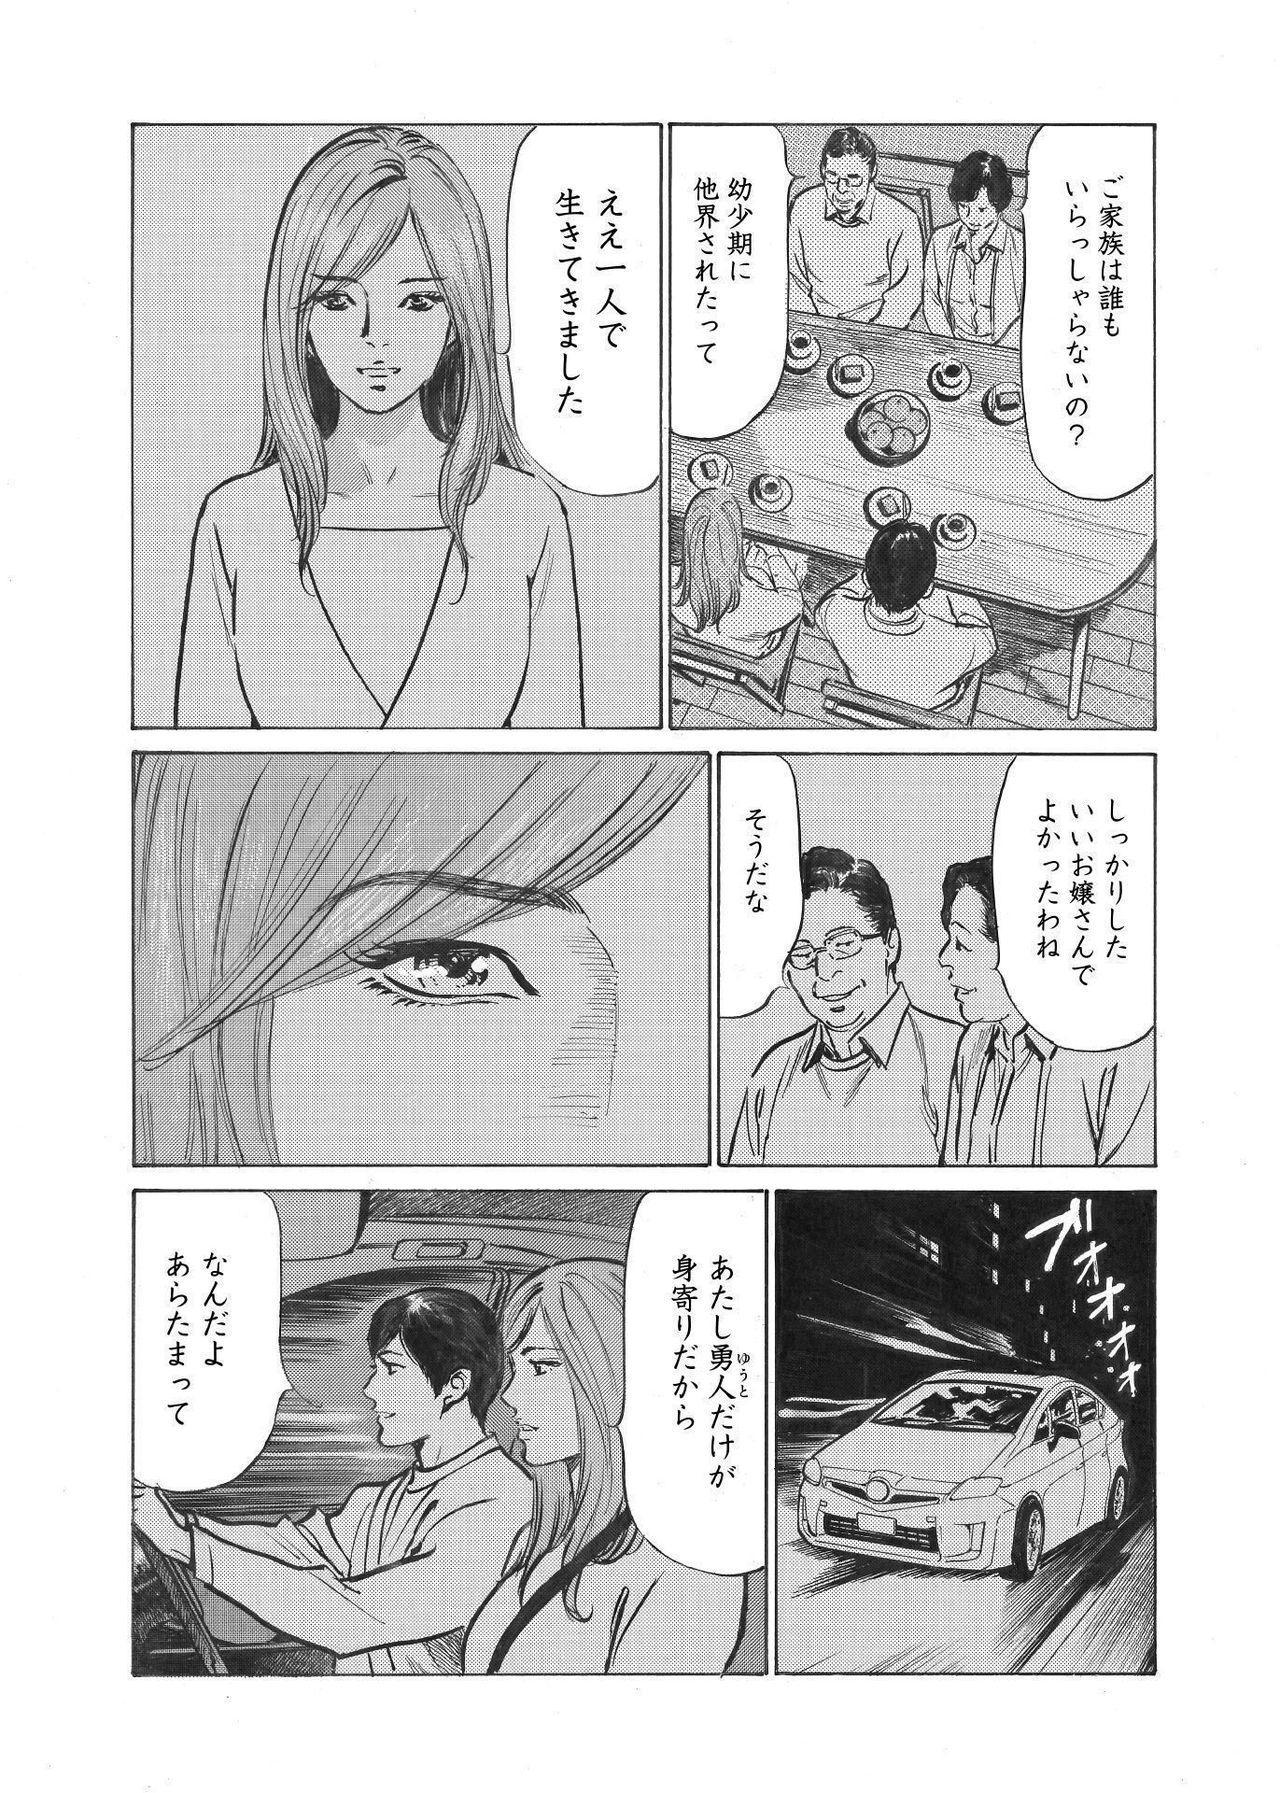 Ore wa Tsuma no Koto o Yoku Shiranai 1-9 15